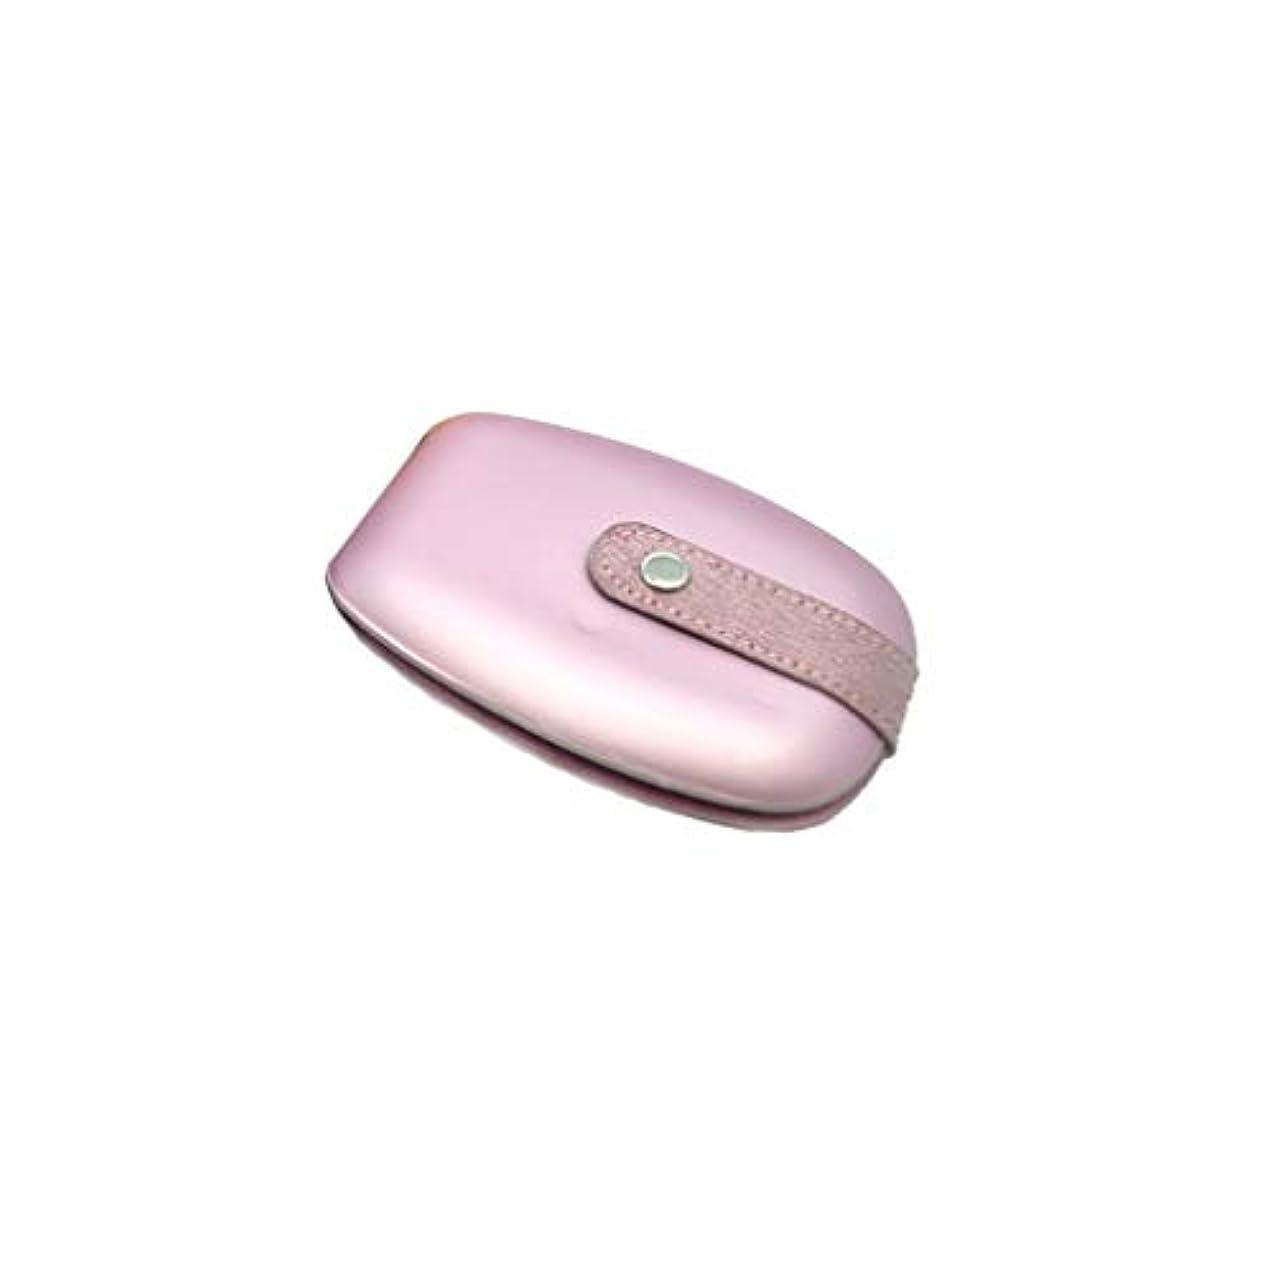 前兆直径好意爪切り ペディキュアマニキュアセットネイルケアはさみ旅行セットネイルツール ネイル (Color : C)